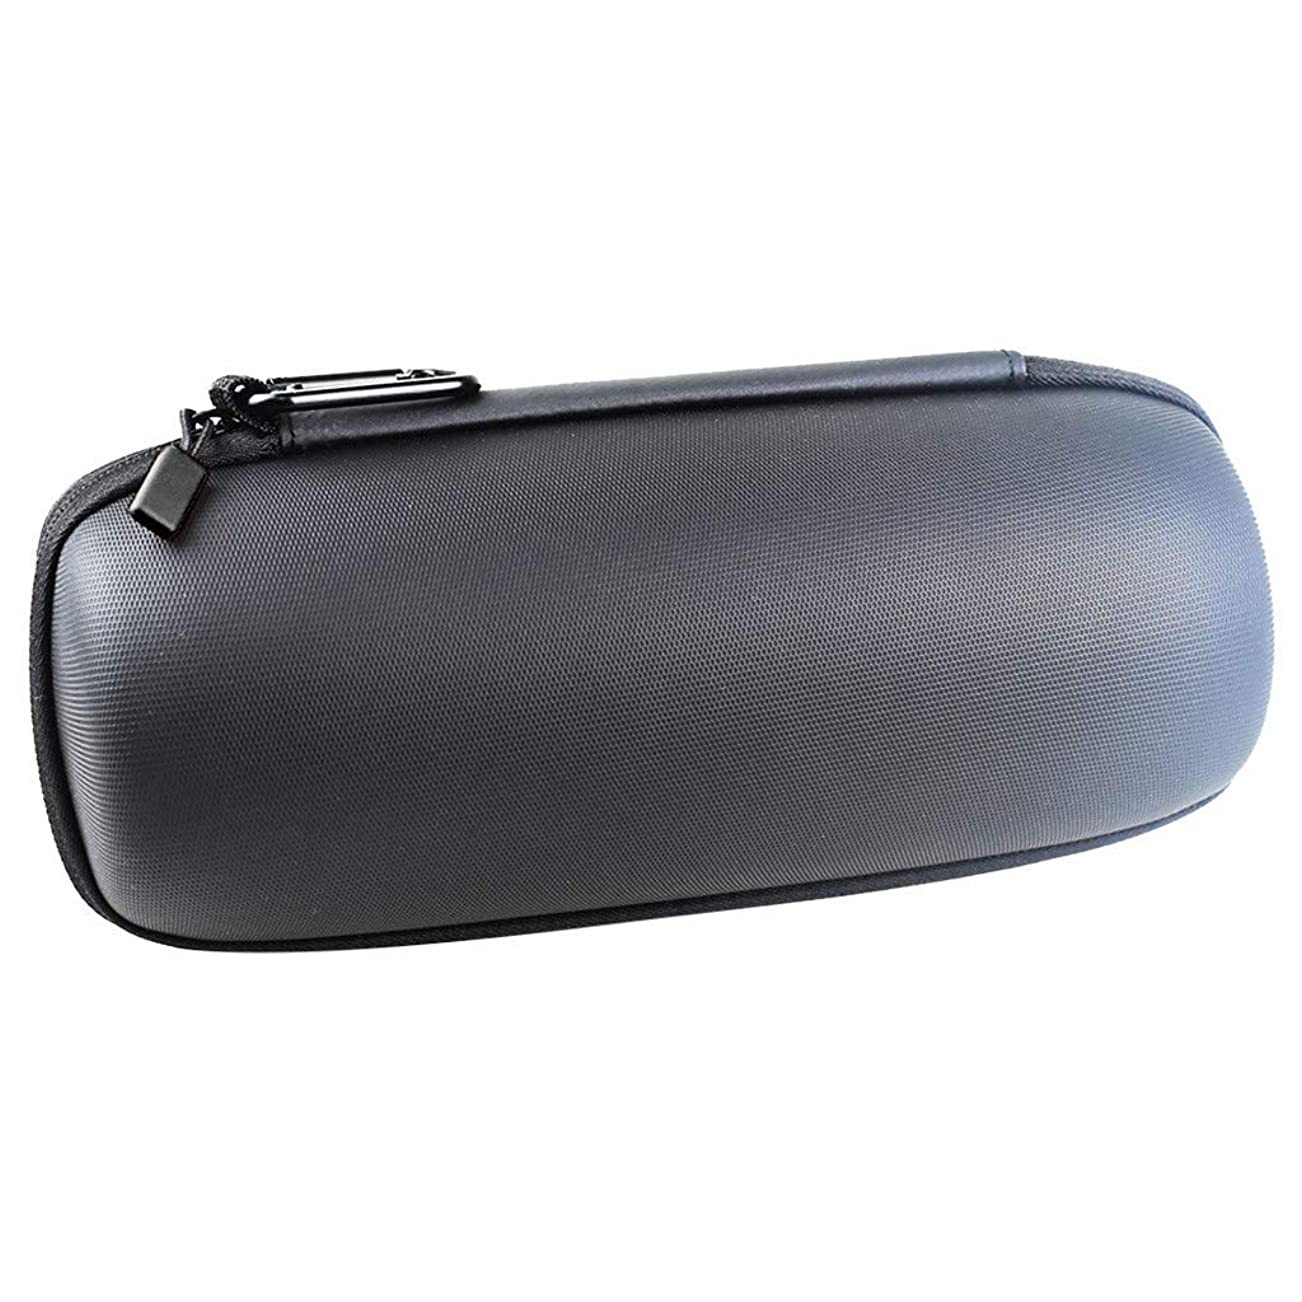 燃やす配列野なHLosanyy For JBL Charge 4 Speaker EVA Hard Storageキャリーケースカバーショルダーバッグ